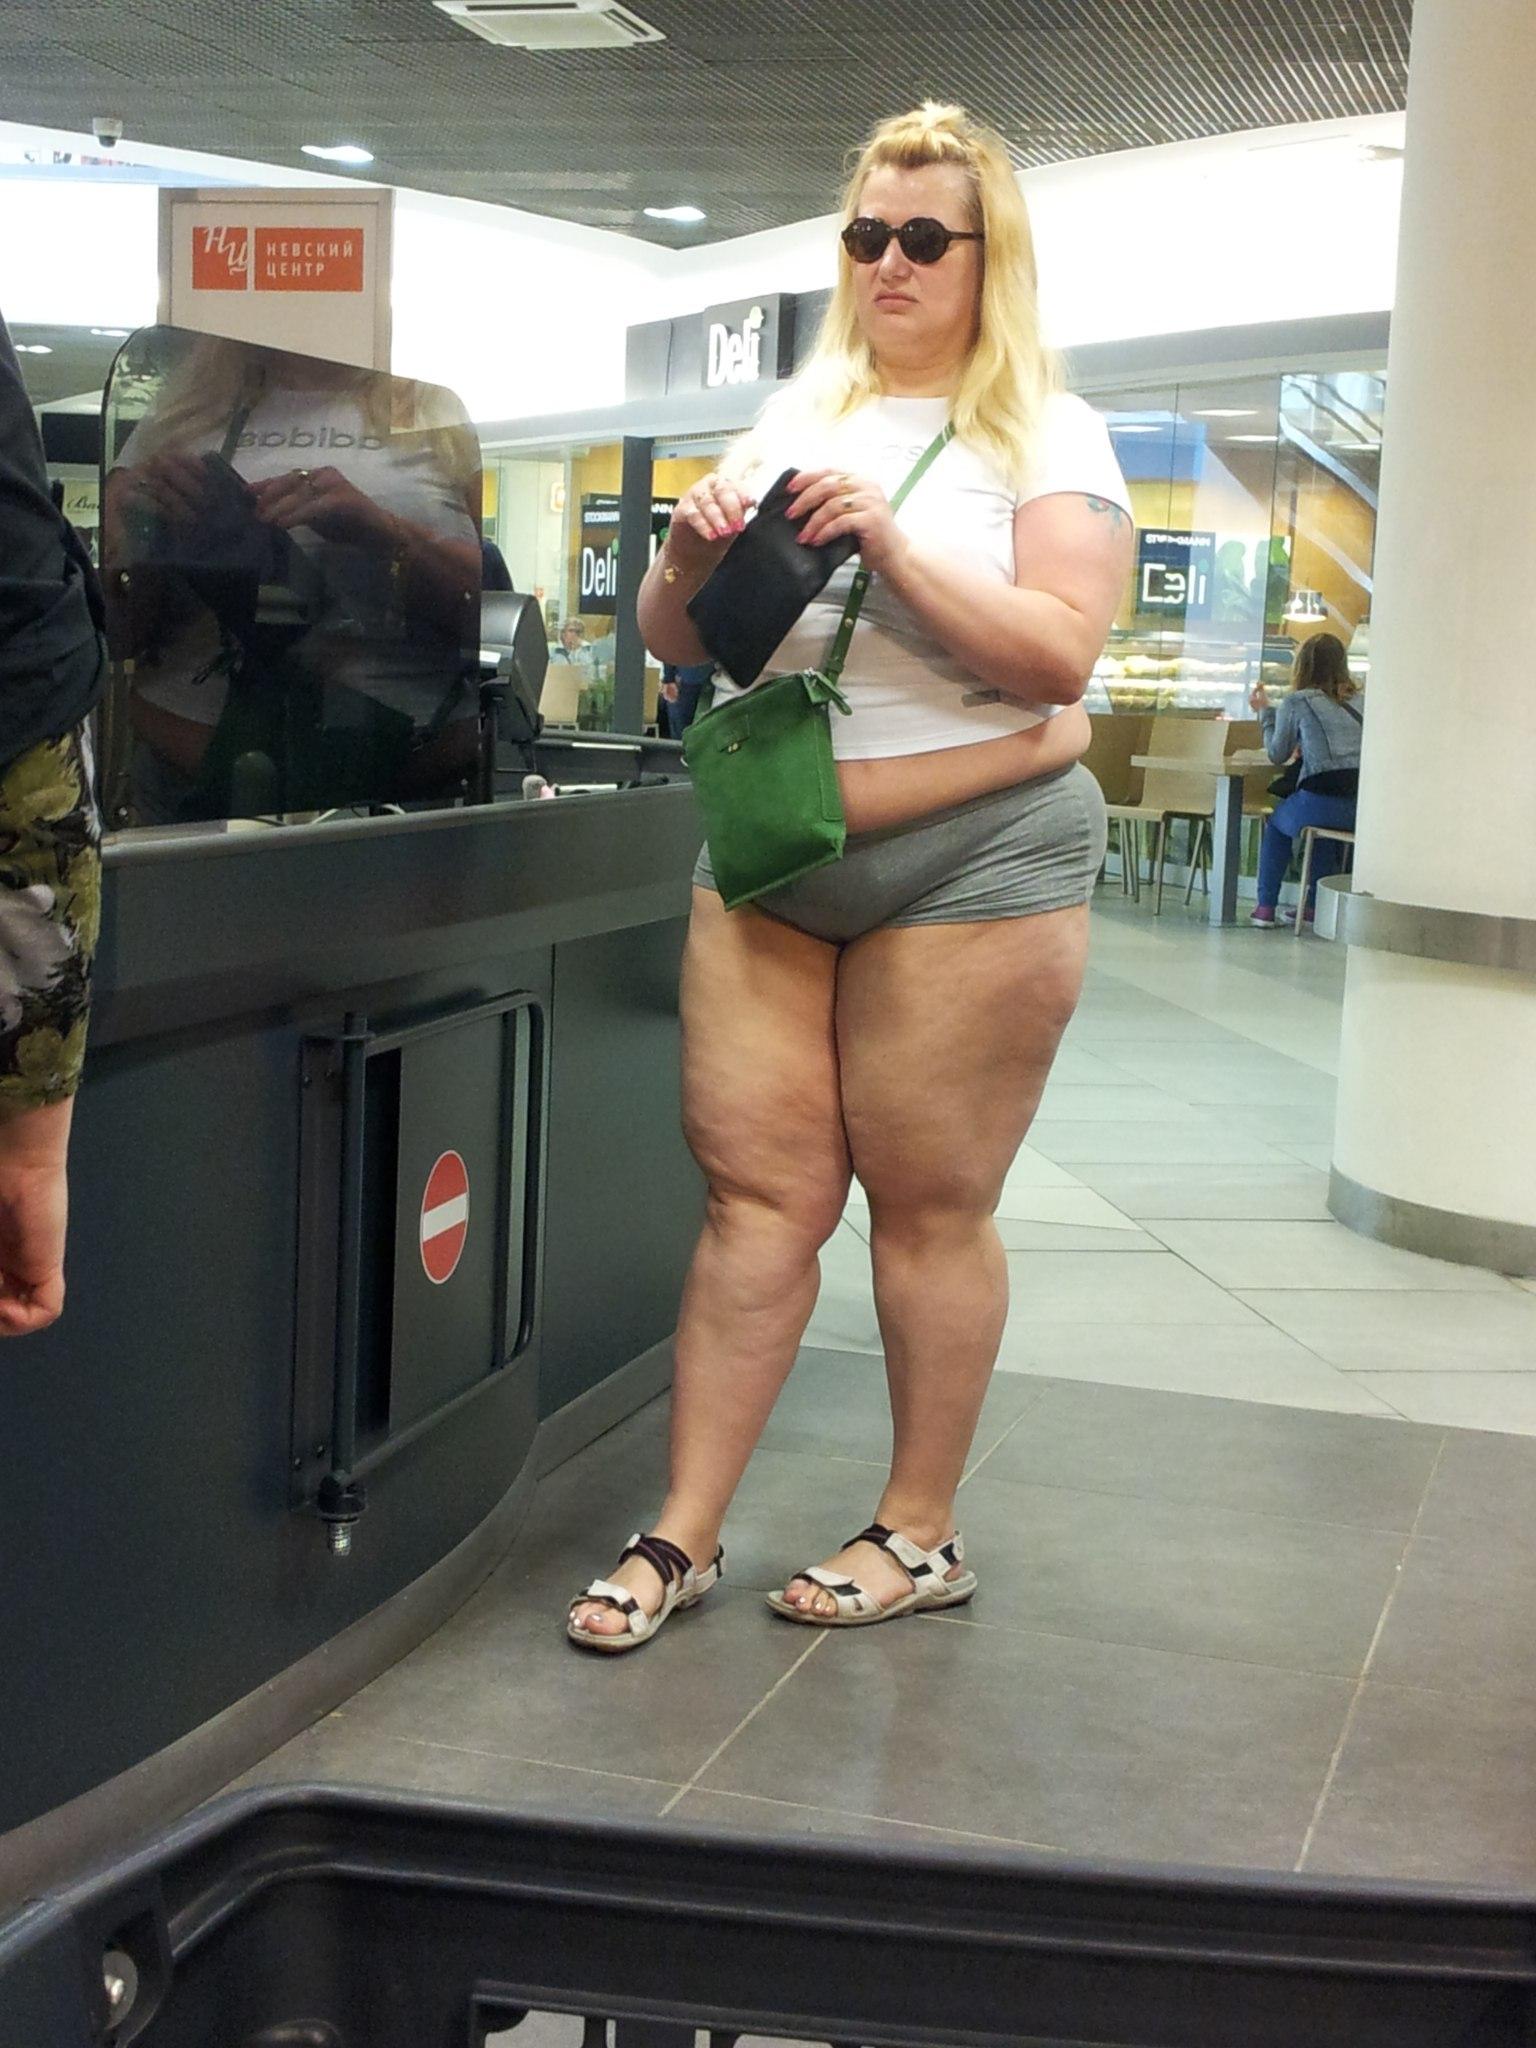 Картинка по теме: Новый флешмоб среди толстушек набирает популярность в сети